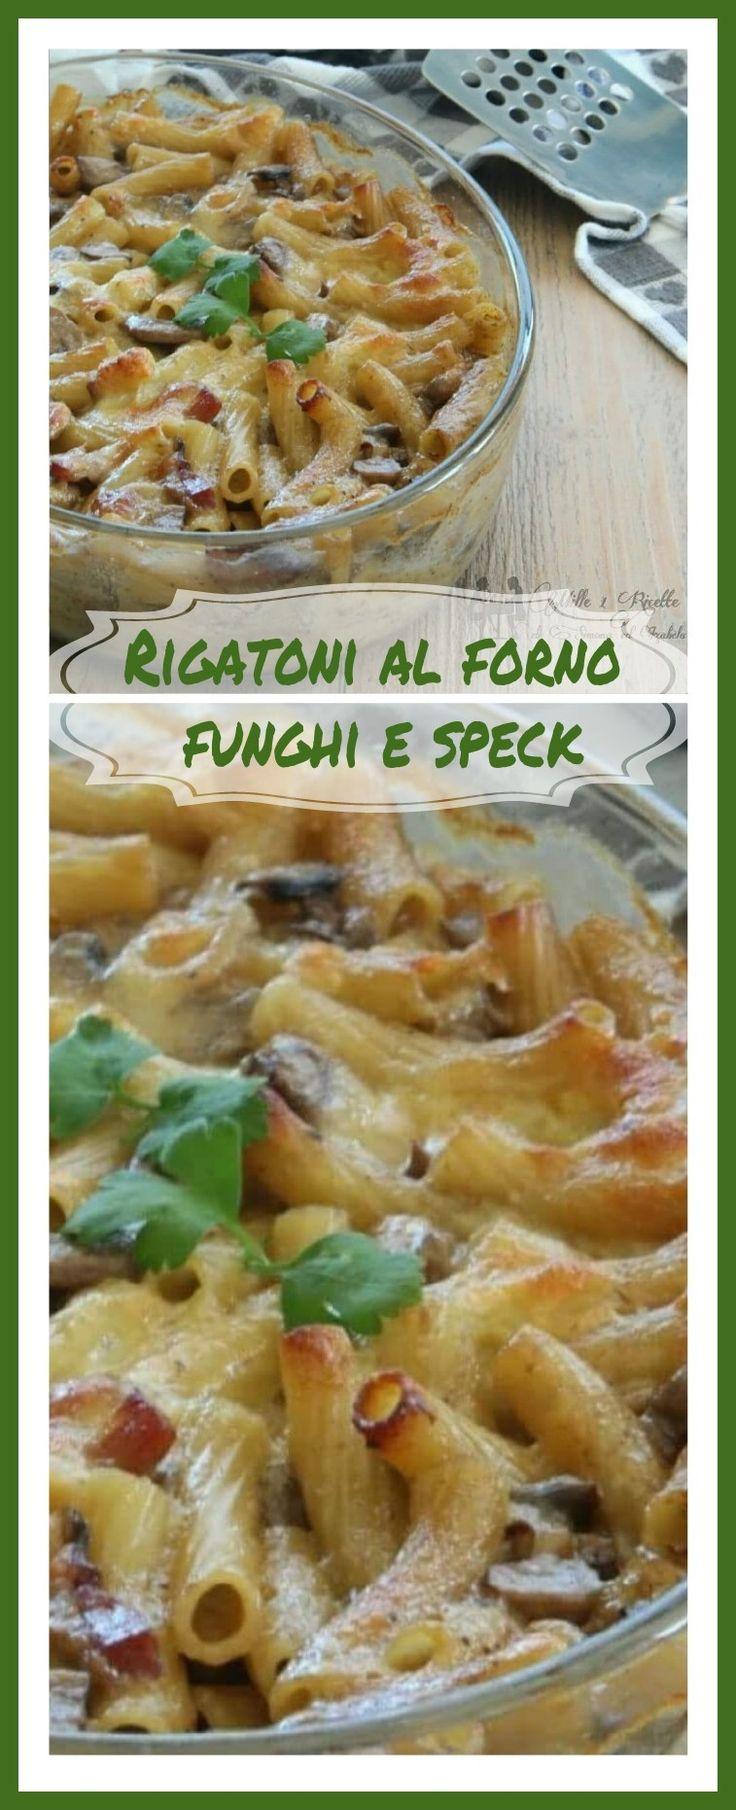 Rigatoni al forno funghi e speck Continua seguirmi su https://www.facebook.com/BlogGialloZafferanoMille1Ricette/ #gialloblog #mille1ricette #foodblog #tasty #sweet #recipe #cucinoio #gzblog #1001ricette #foodblogger #foodporn #ricettefacili #chebuono #delicious #italianfood #cucinaitaliana #foodbloggers #homemade #cucina #chebuono #homemadecooking #italianblog #italiancook #cooking #amocucinare #followme #top_food_photo